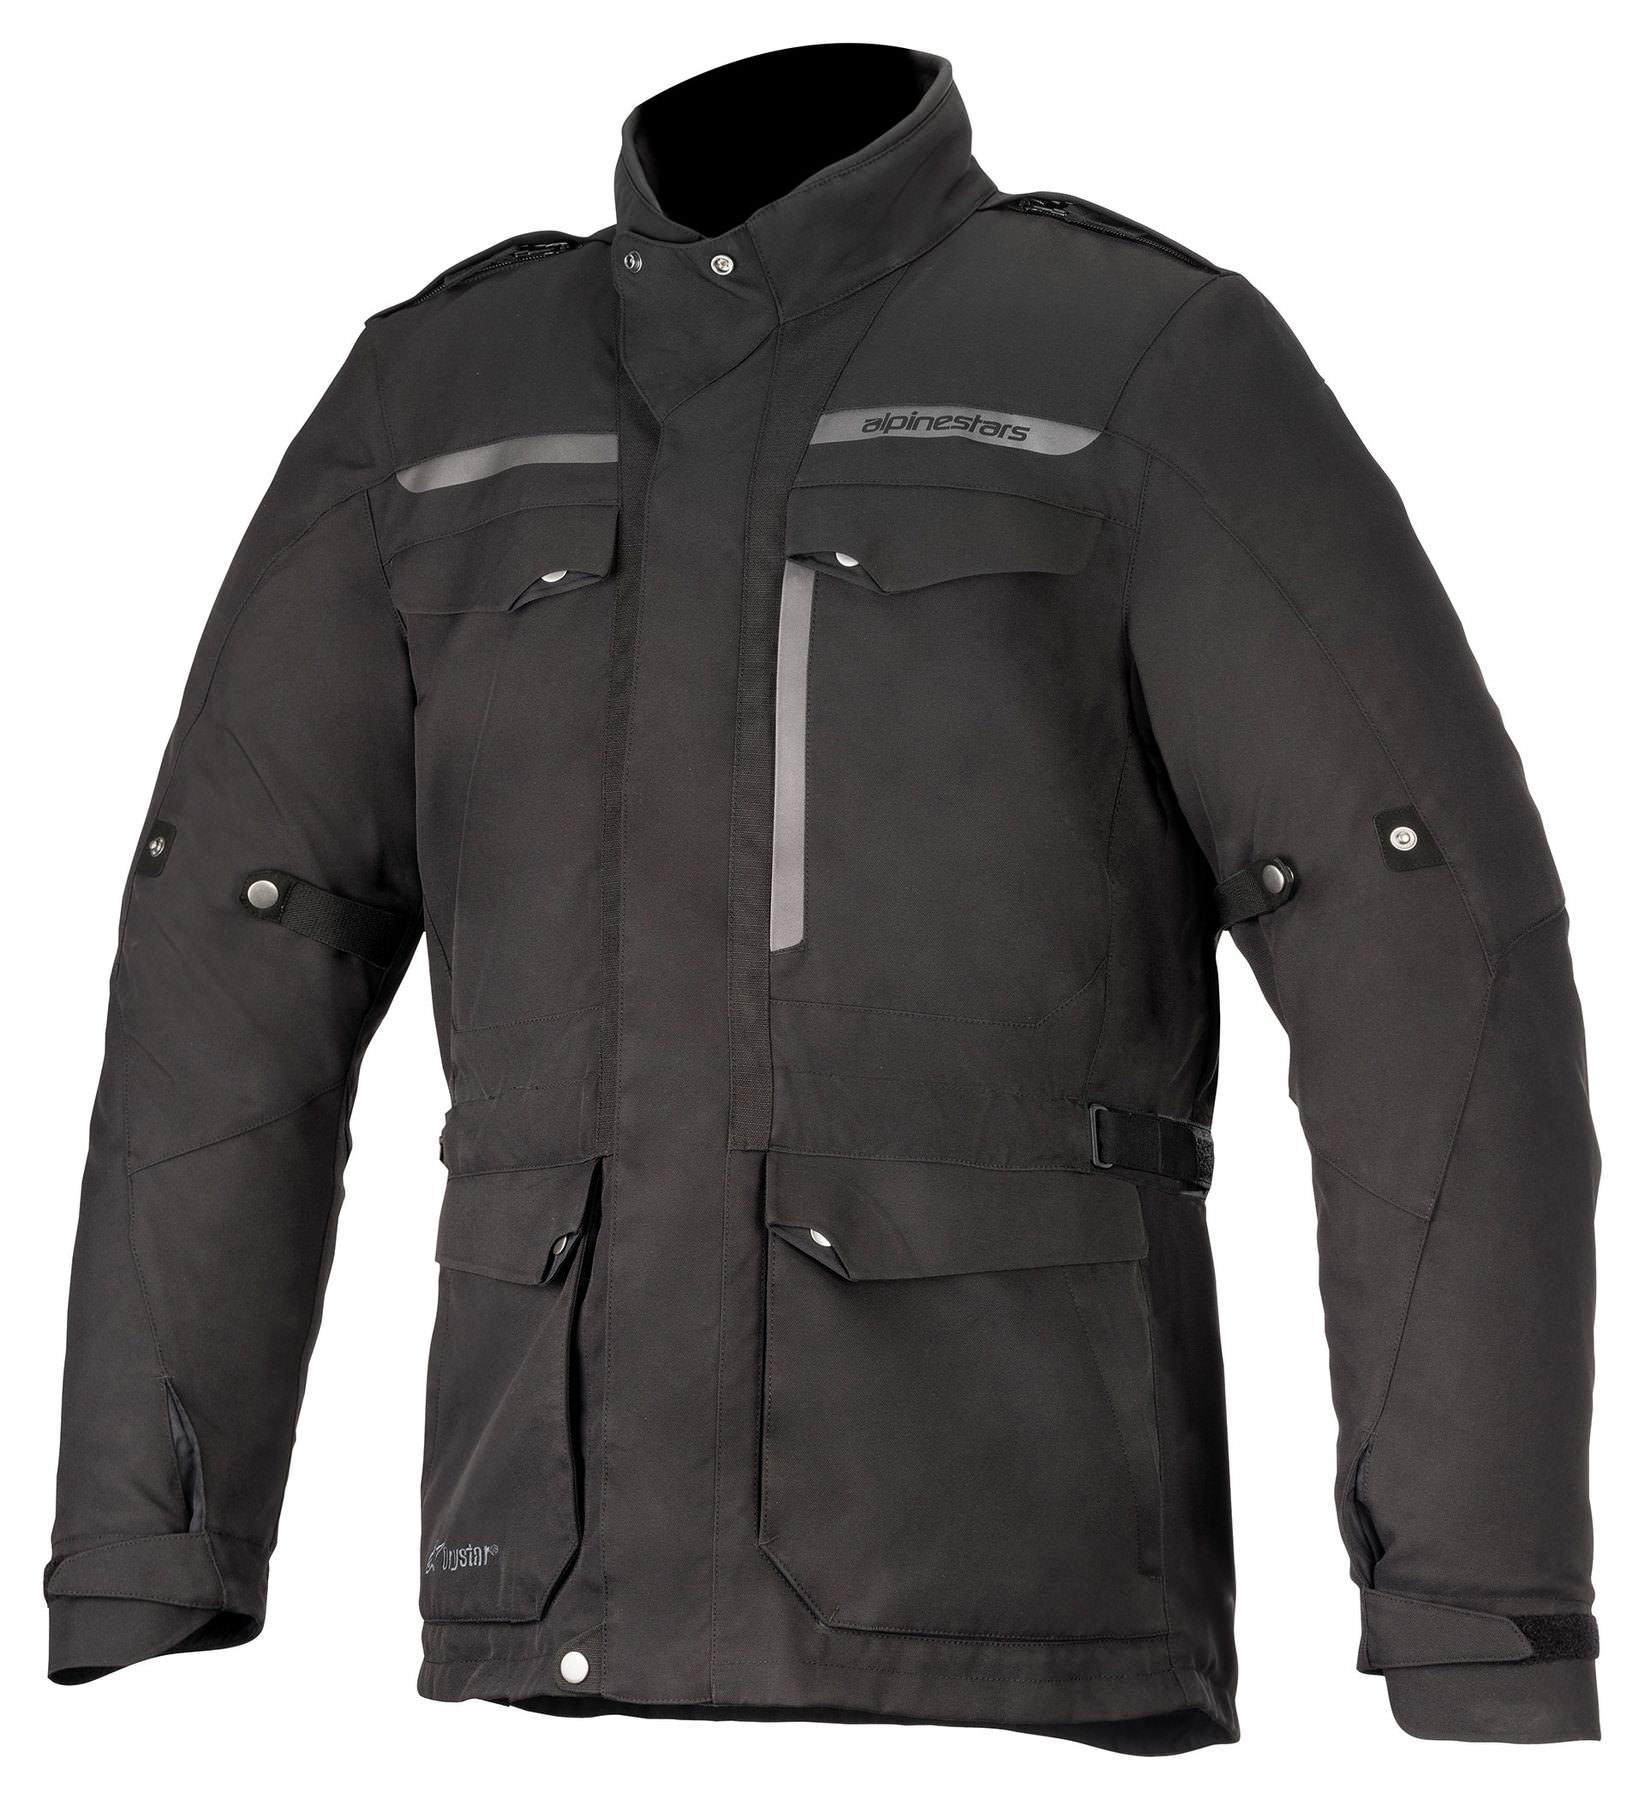 Veste moto textile Alpinestars Barcelona Drystar - Tailles et couleurs au choix